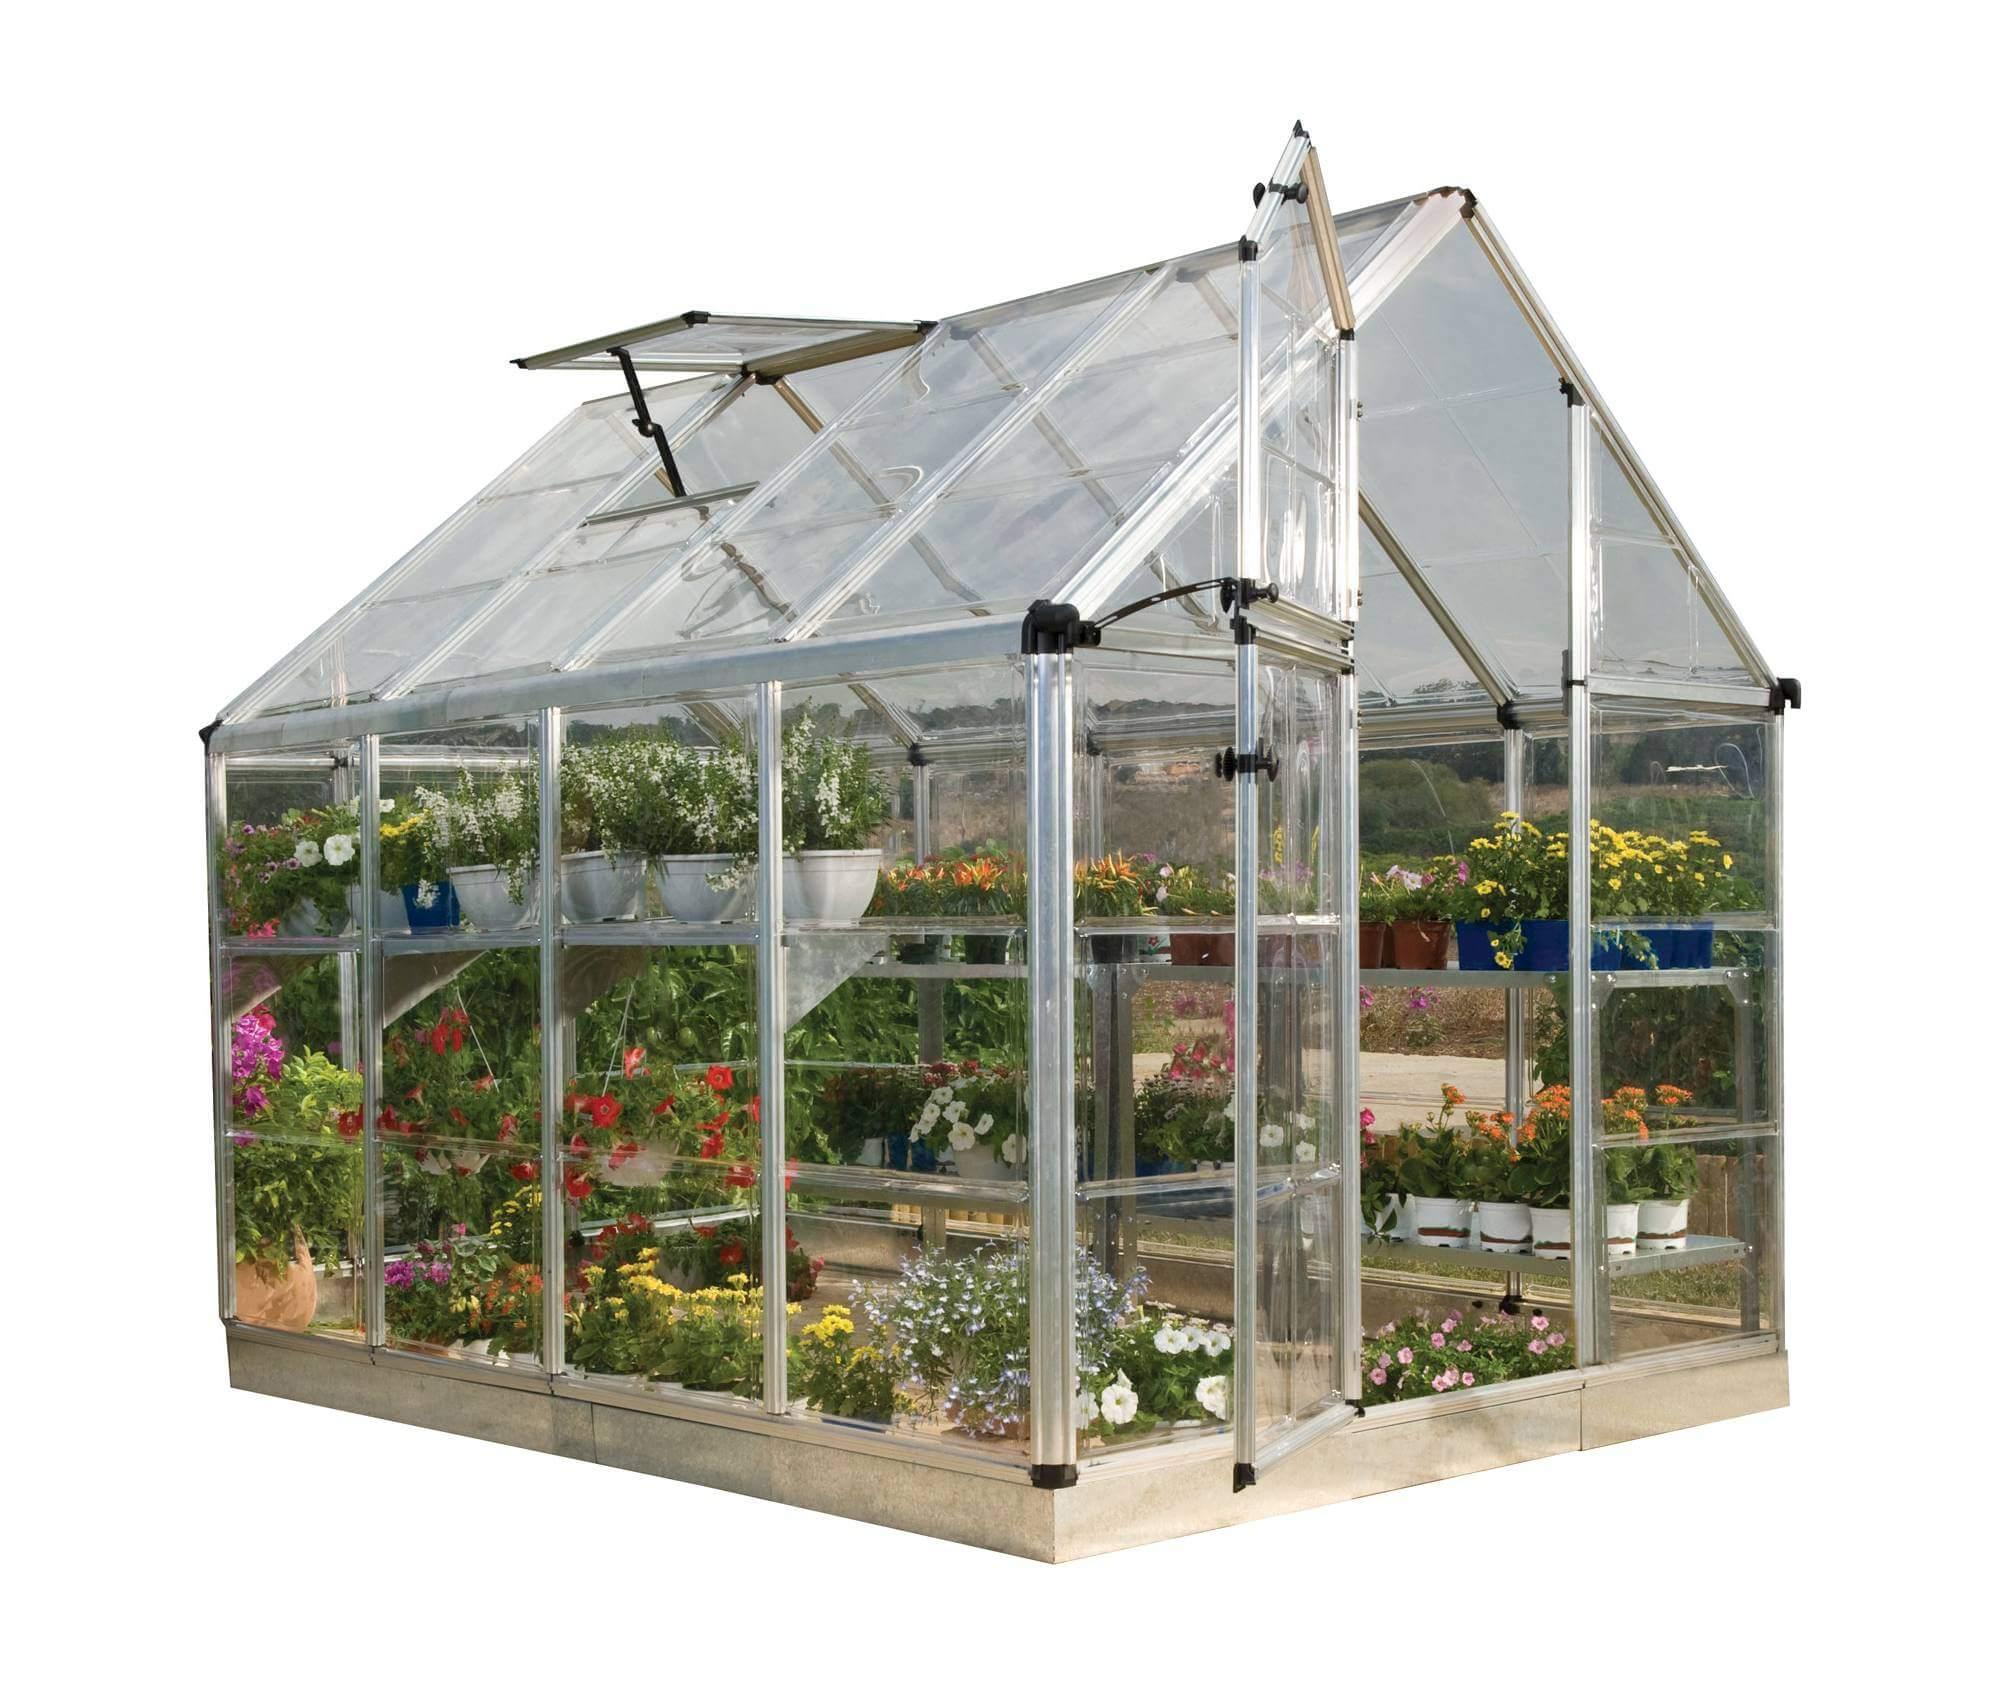 Invernadero ast s 4 m dulos efecto cristal gardiun - Invernaderos de cristal ...